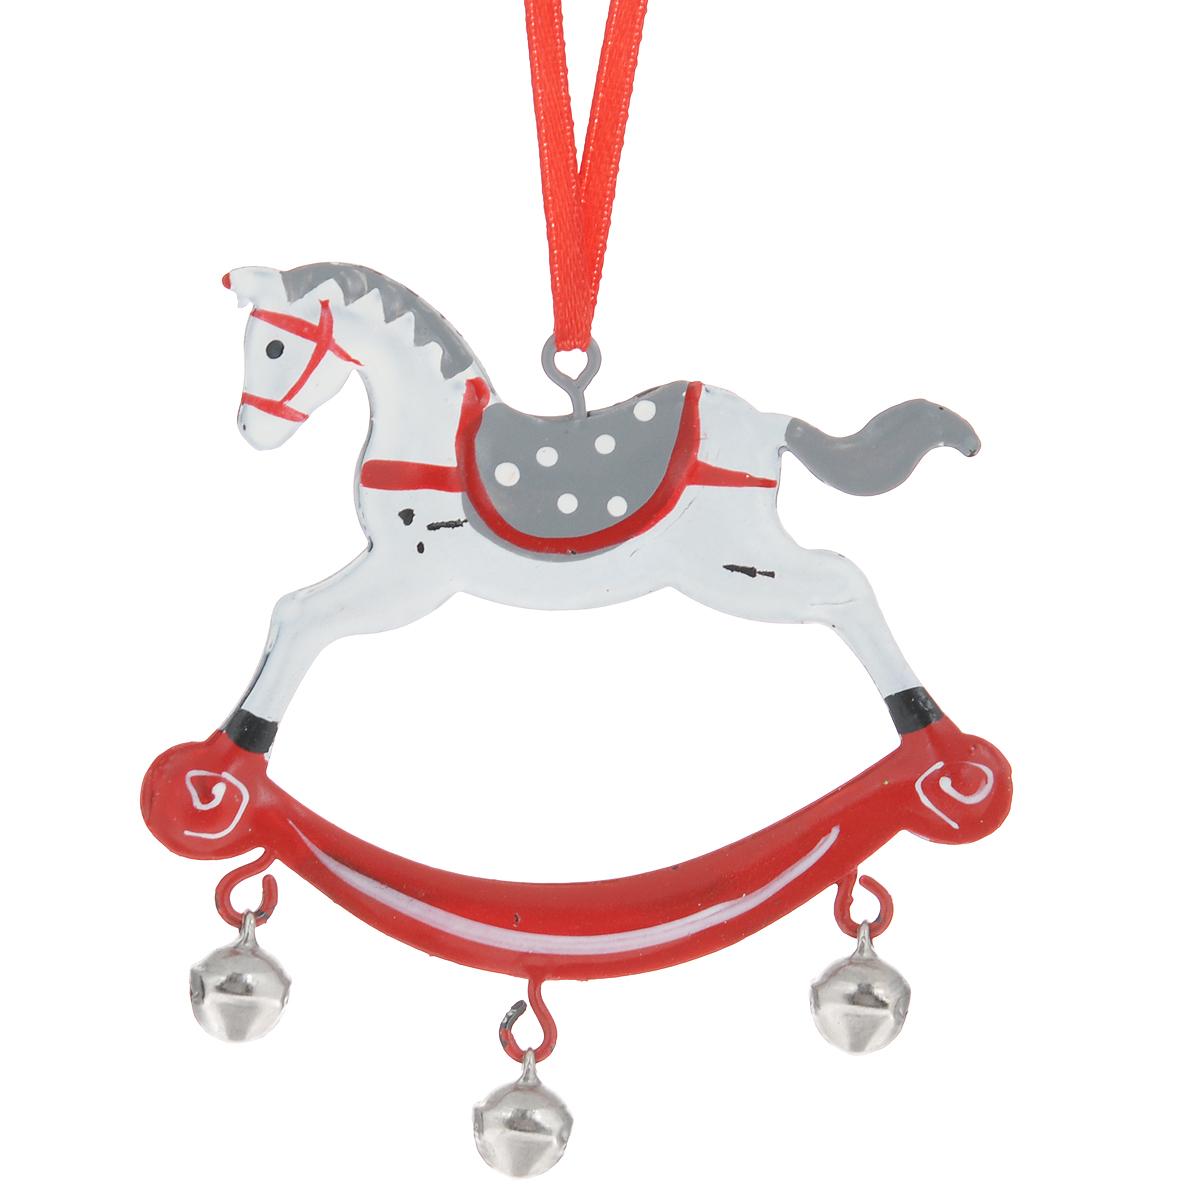 Новогоднее подвесное украшение Лошадка с бубенцами, цвет: белый. 3529735297Оригинальное новогоднее украшение в виде лошадки прекрасно подойдет для праздничного декора дома и новогодней ели. С помощью специальной петельки его можно повесить в любом понравившемся вам месте. Но, конечно, удачнее всего такая игрушка будет смотреться на праздничной елке. Елочная игрушка - символ Нового года. Она несет в себе волшебство и красоту праздника. Создайте в своем доме атмосферу веселья и радости, украшая новогоднюю елку нарядными игрушками, которые будут из года в год накапливать теплоту воспоминаний.